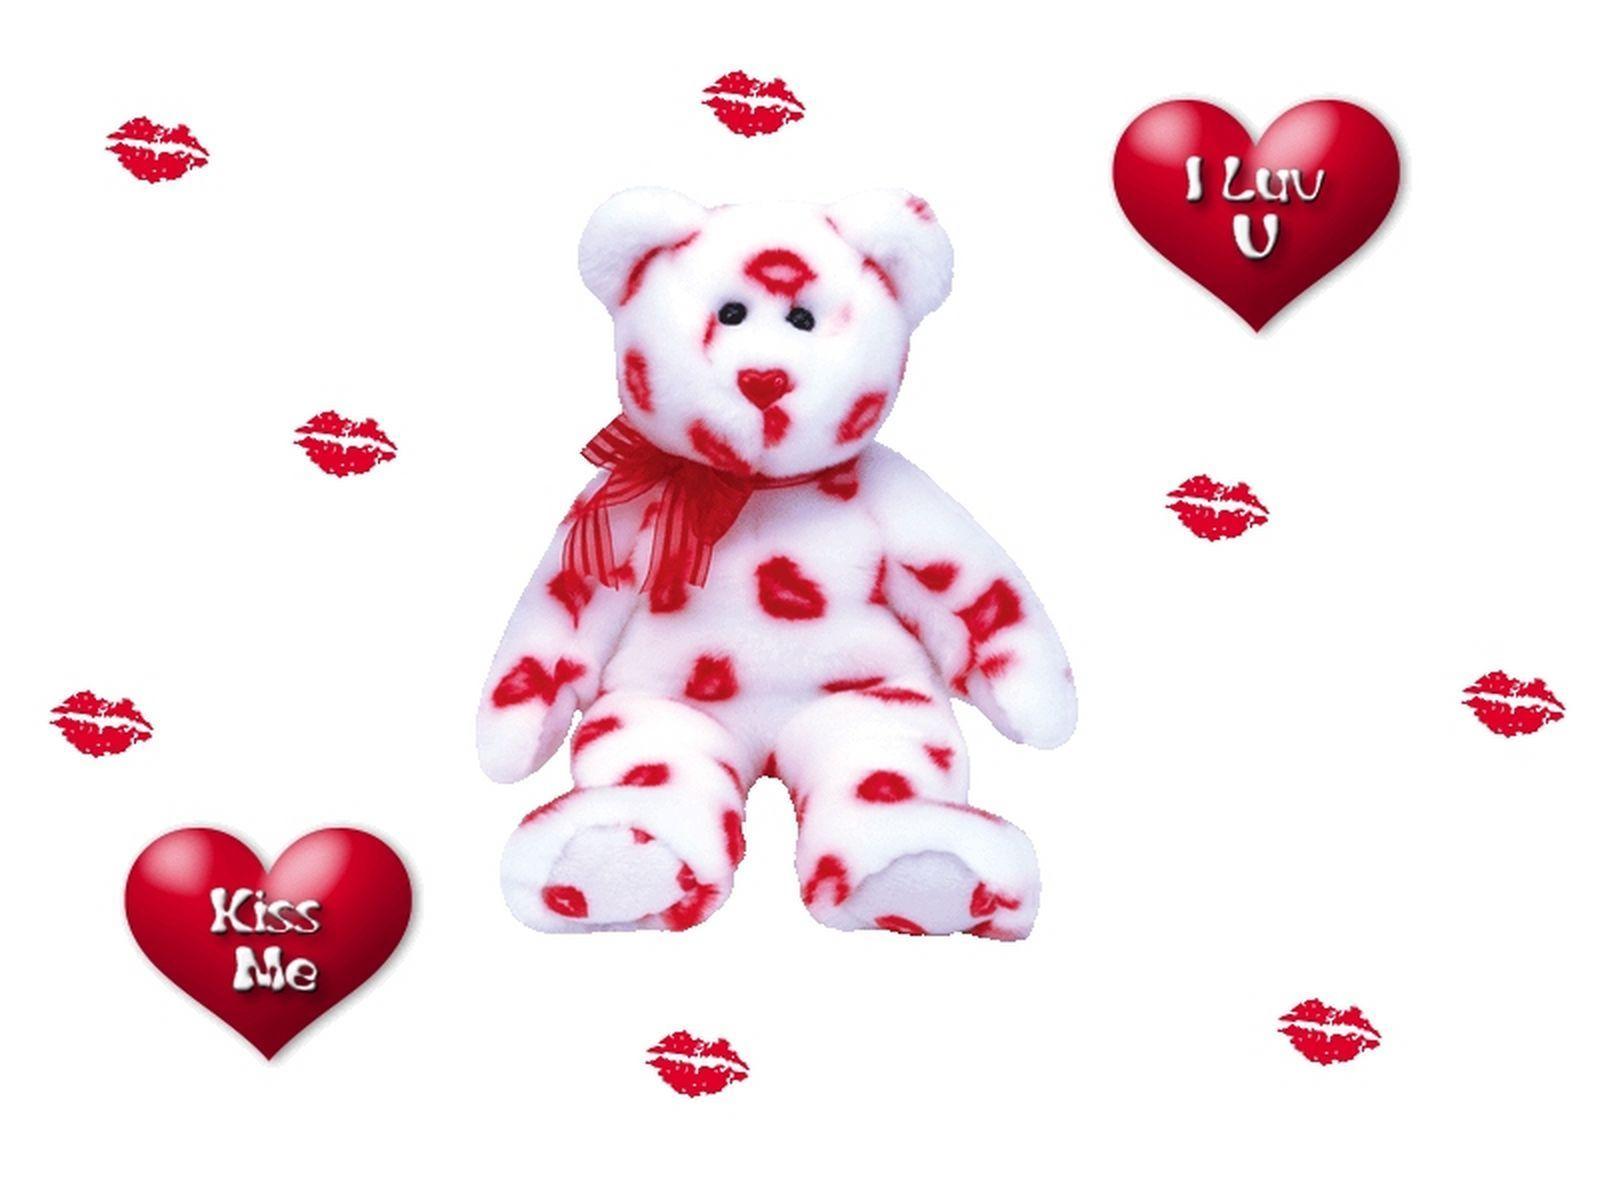 http://3.bp.blogspot.com/-6KqW_FSoYKQ/TiY40o35N2I/AAAAAAAAAB8/NA4y3BuDIGg/s1600/Love-Wallpaper-love-2939257-1600-1200.jpg